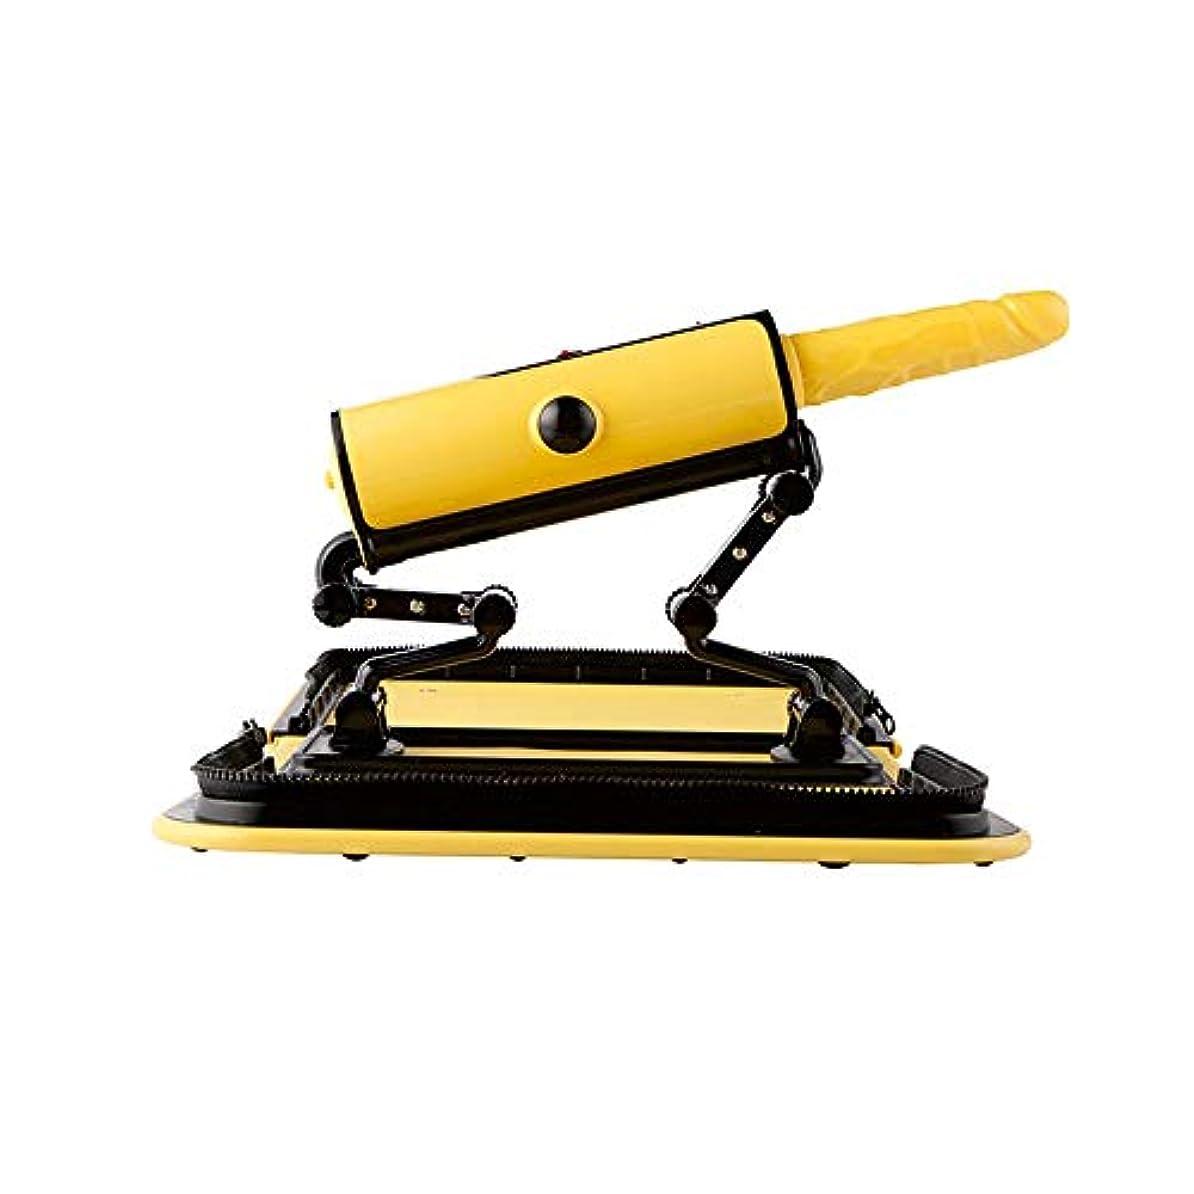 獲物訪問予知KGJJHYBGTOY 完璧なハーネスビジナルカップラブマシン玩具での自動機オナニー RELAX MASSAGE BODY